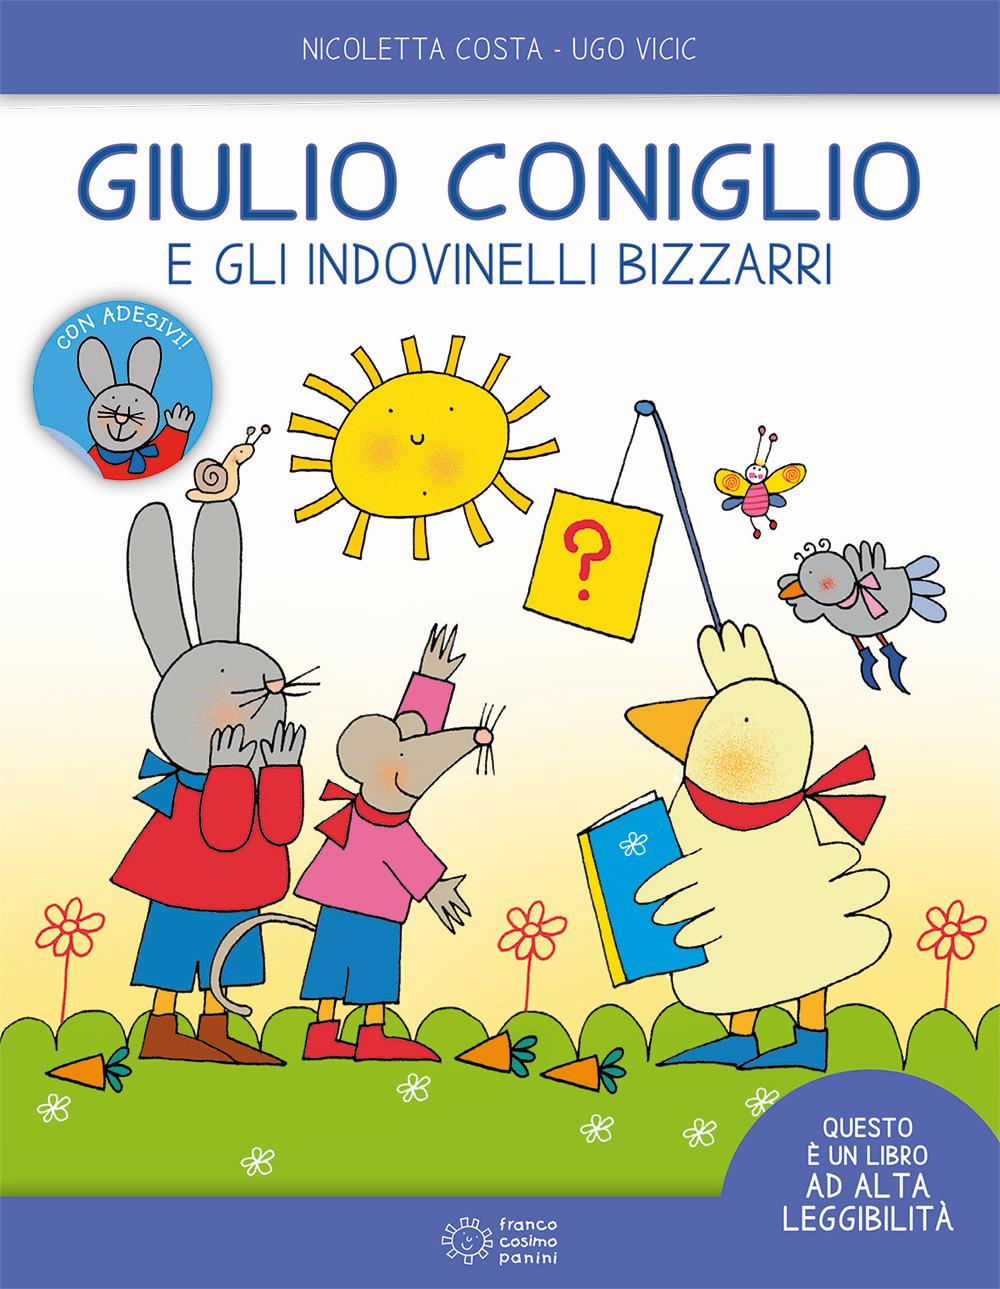 Giulio Coniglio e gli indovinelli bizzarri. Ediz. ad alta leggibilità